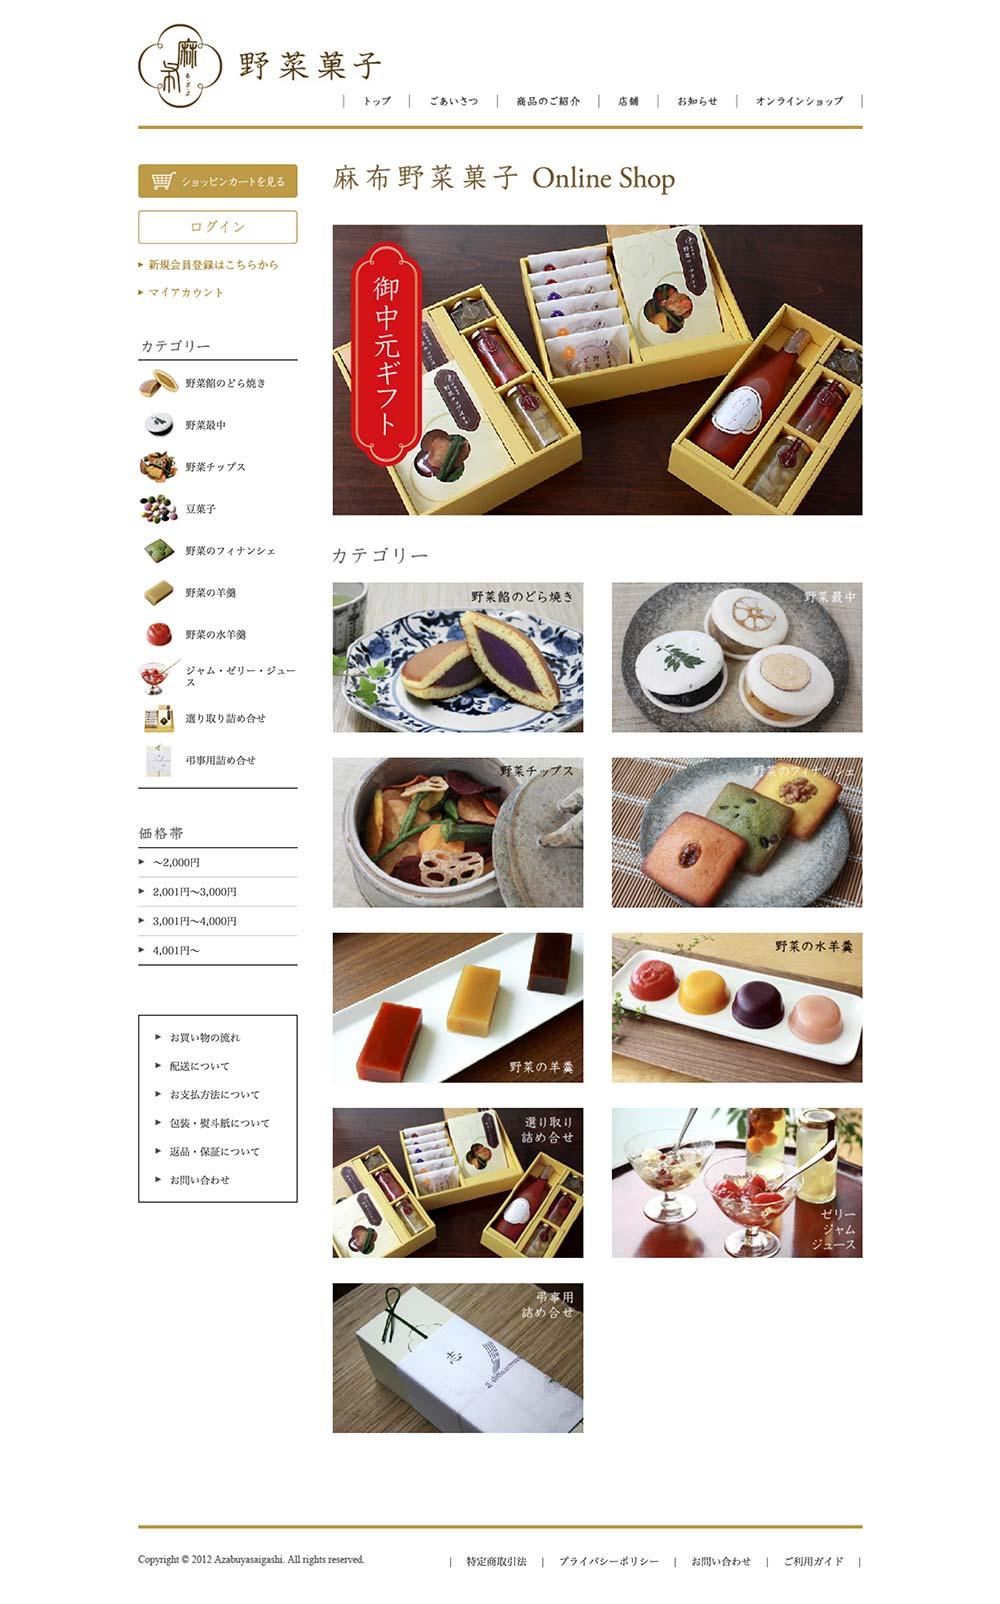 麻布野菜菓子オンラインショップ